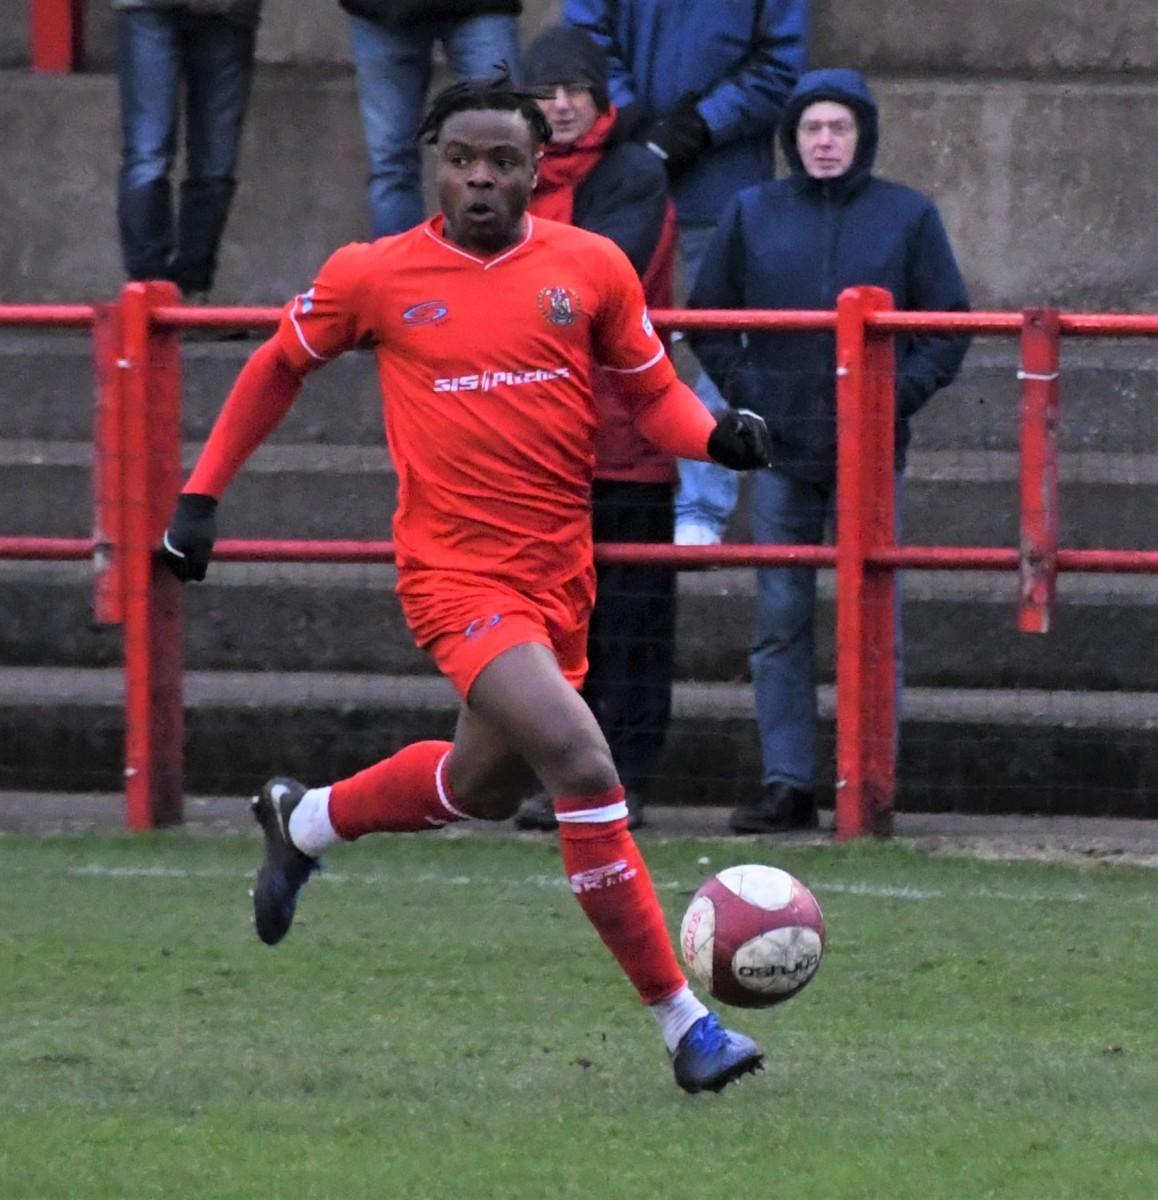 Workington-Reds-v-Ossett-Utd-Ben-Challis-25